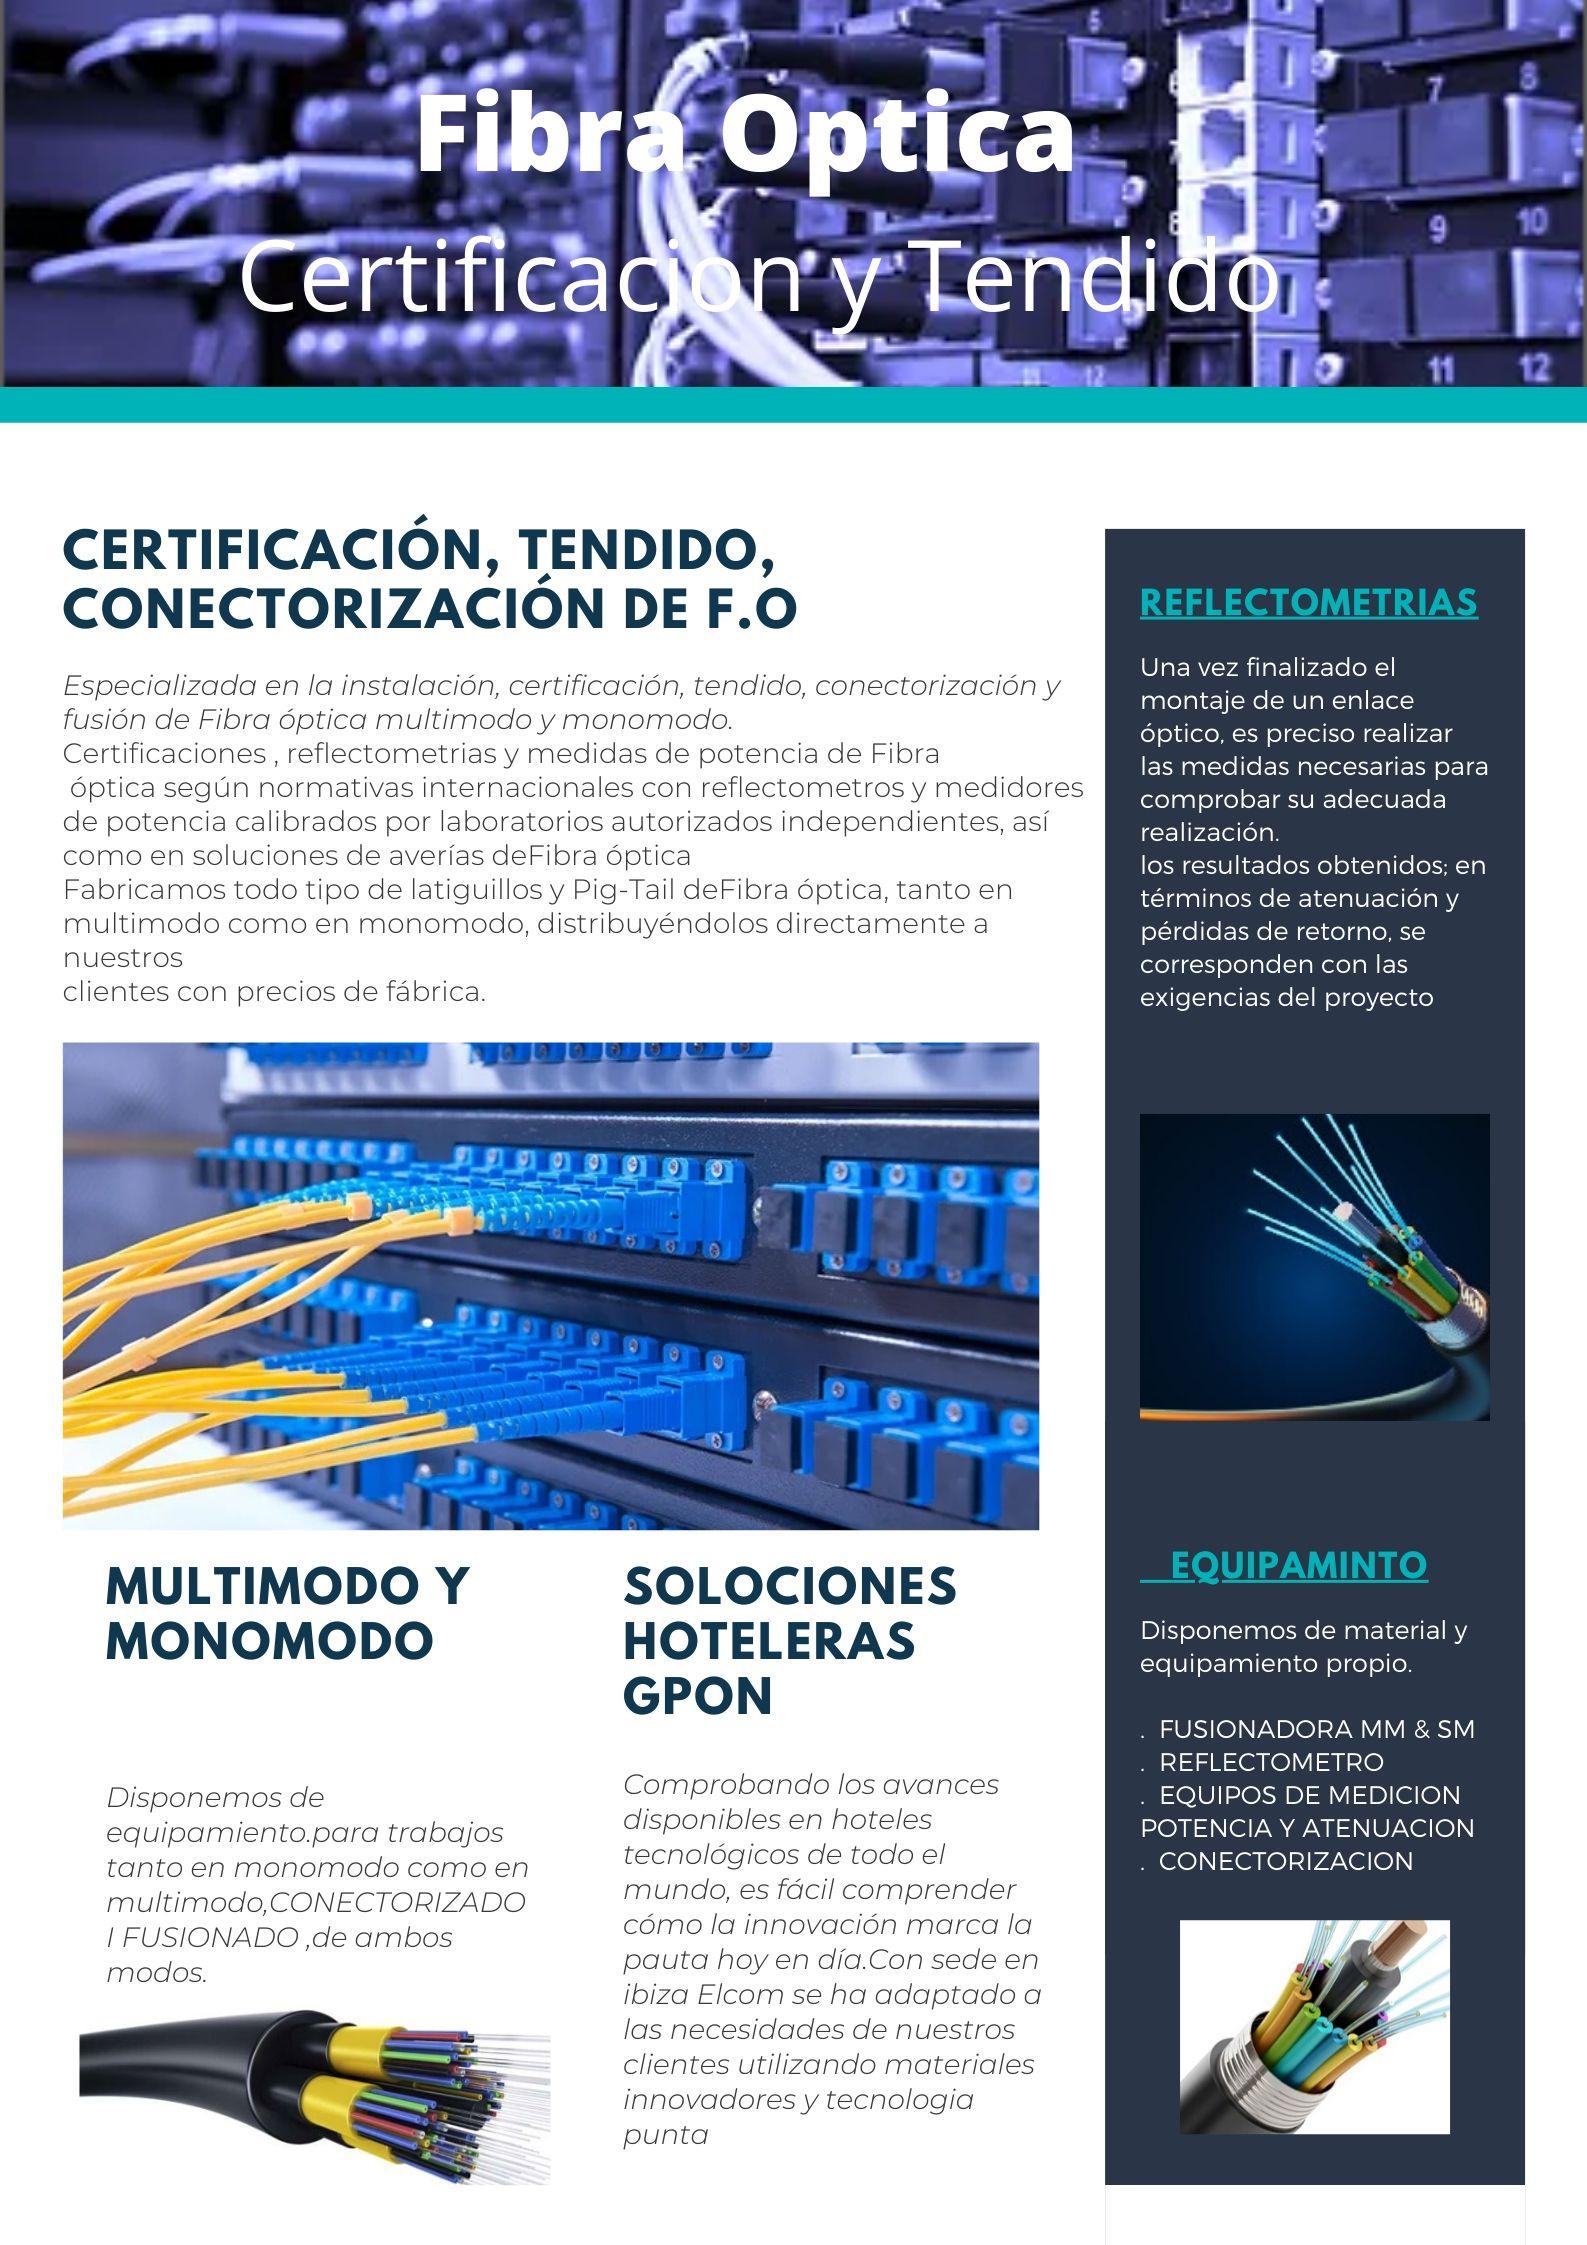 FIBRA OPTICA ELCOM